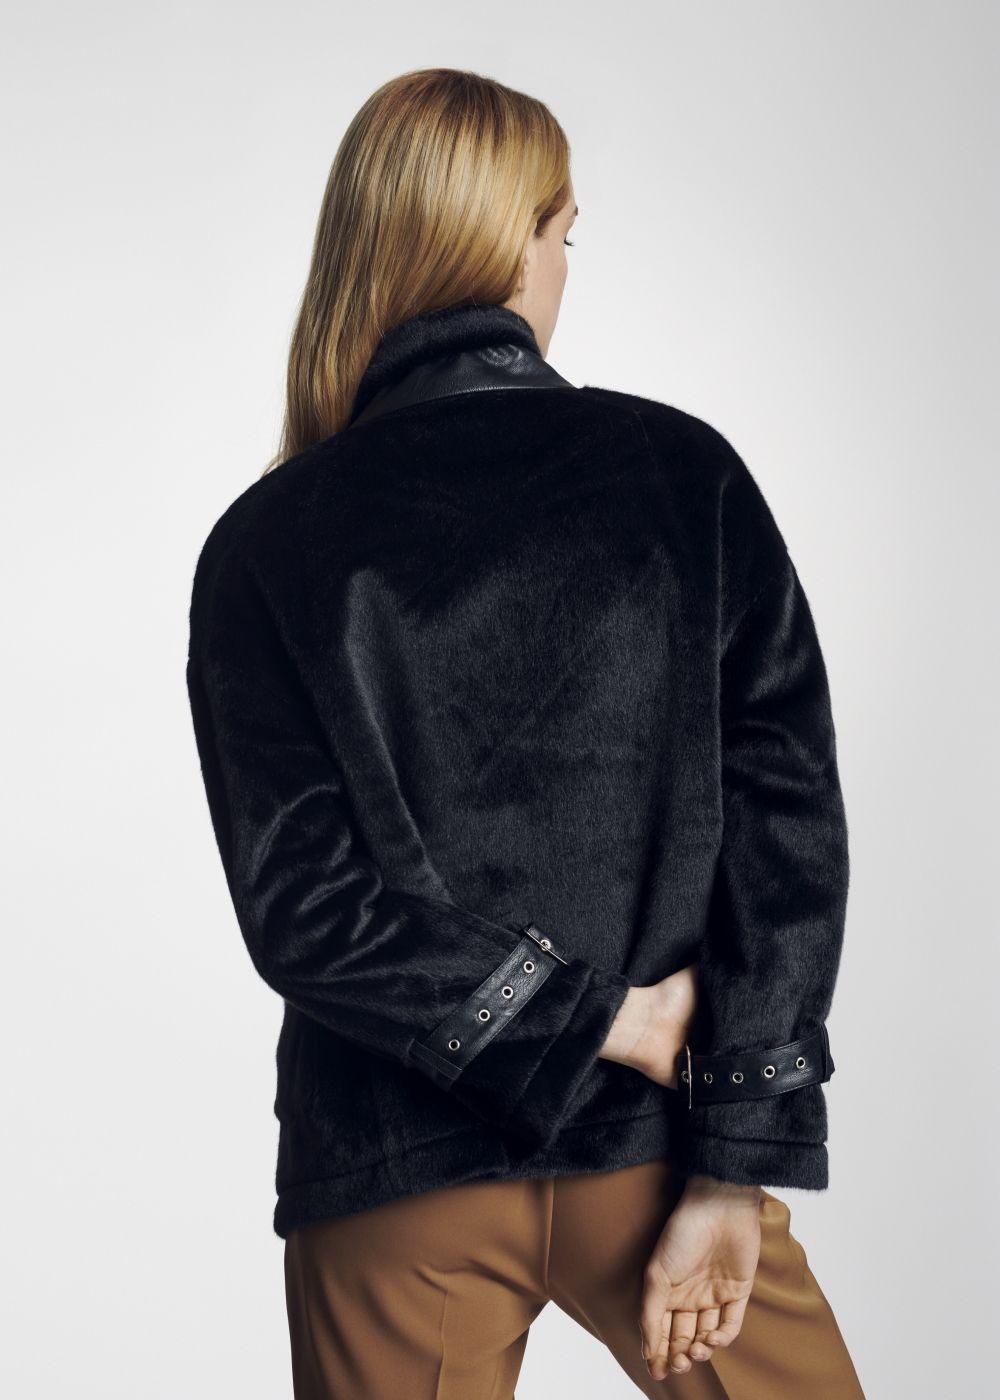 Krótkie czarne futerko damskie sztuczne FUTDT-0025-99(Z21)